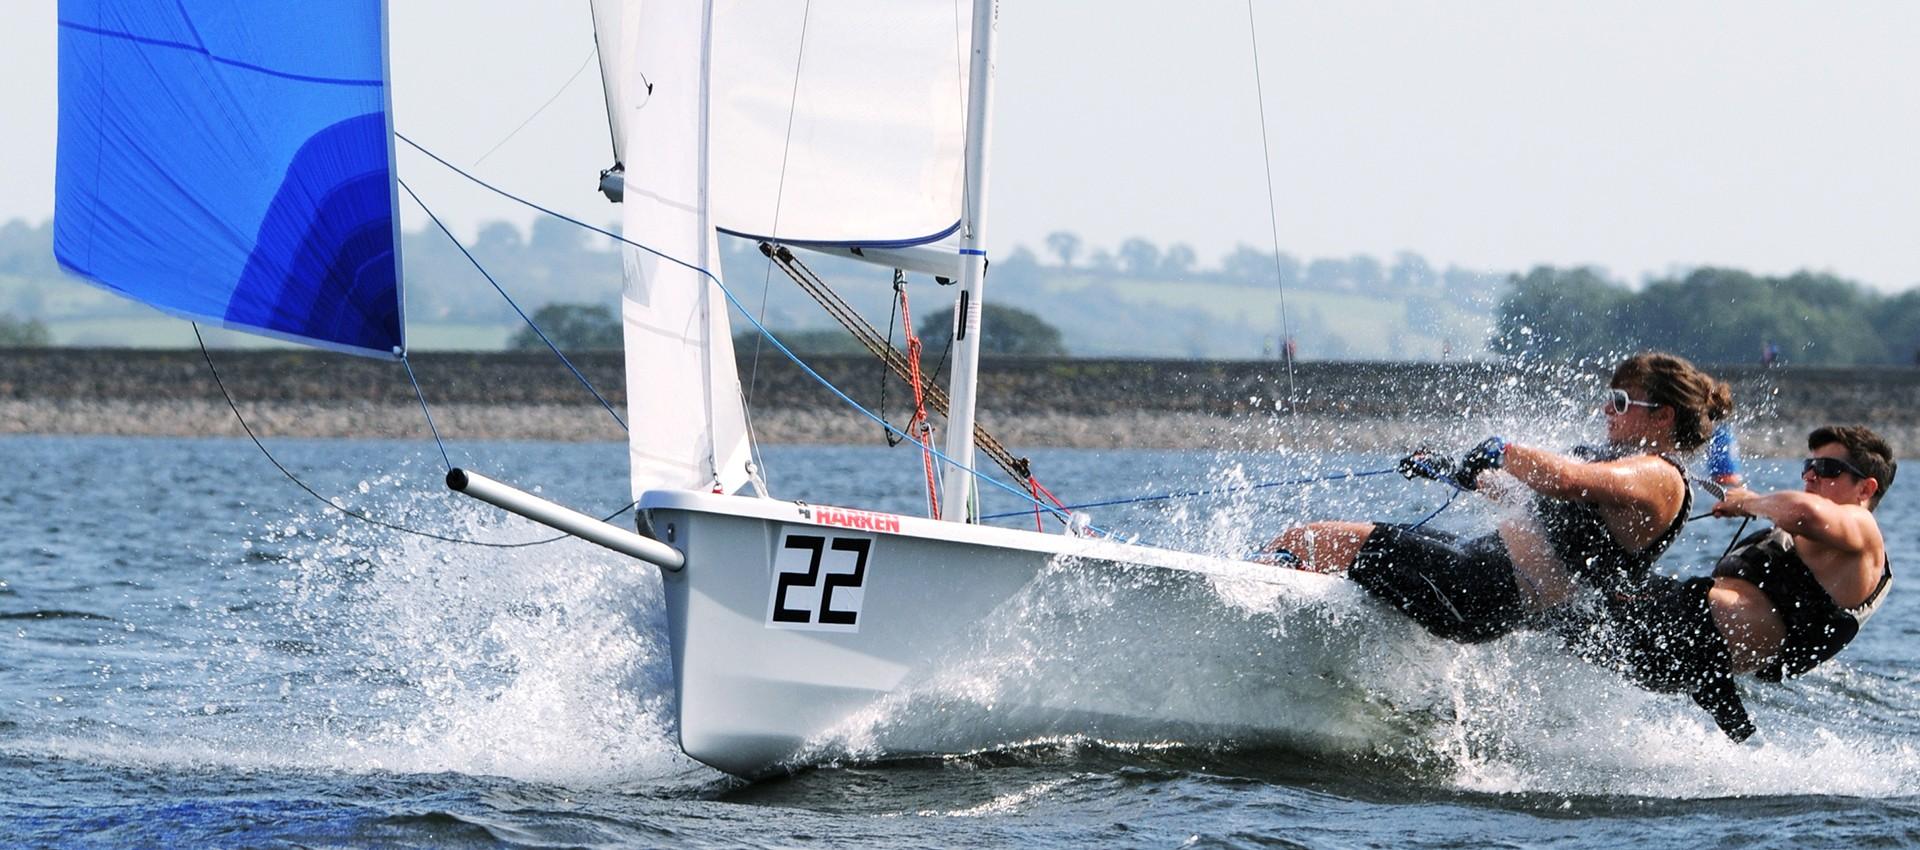 2000 sailboat